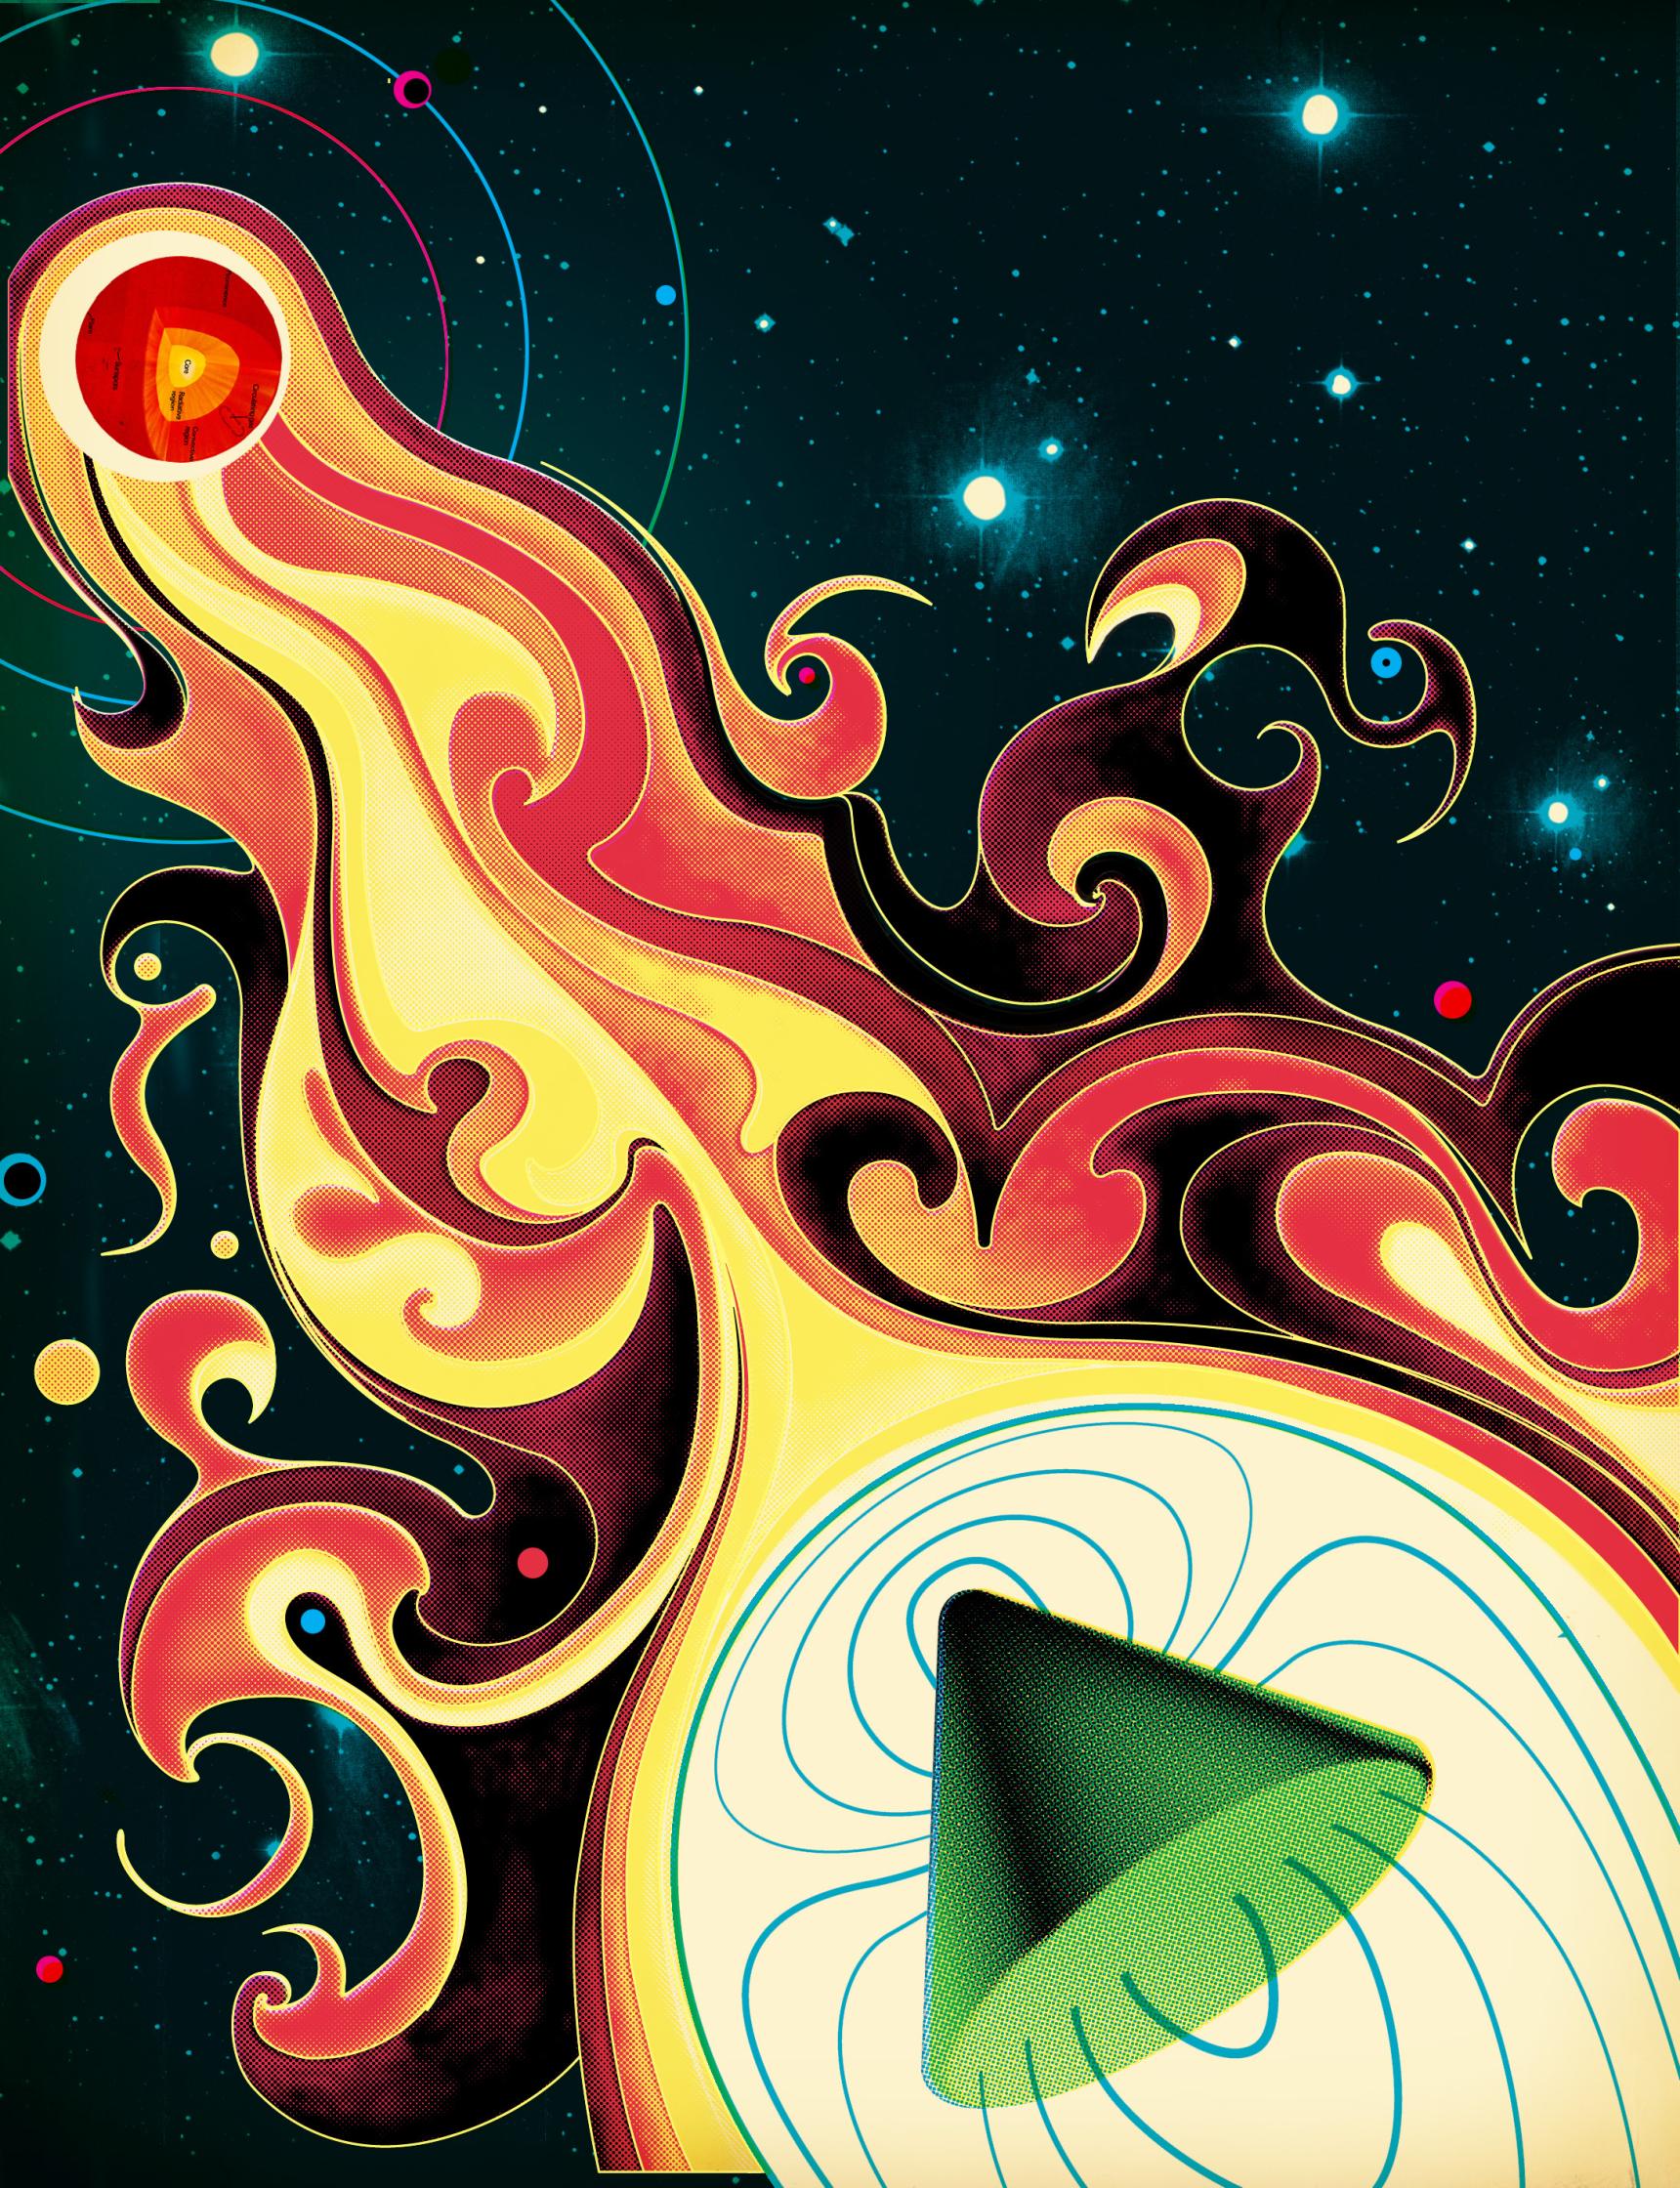 Mini-Magnetosphere